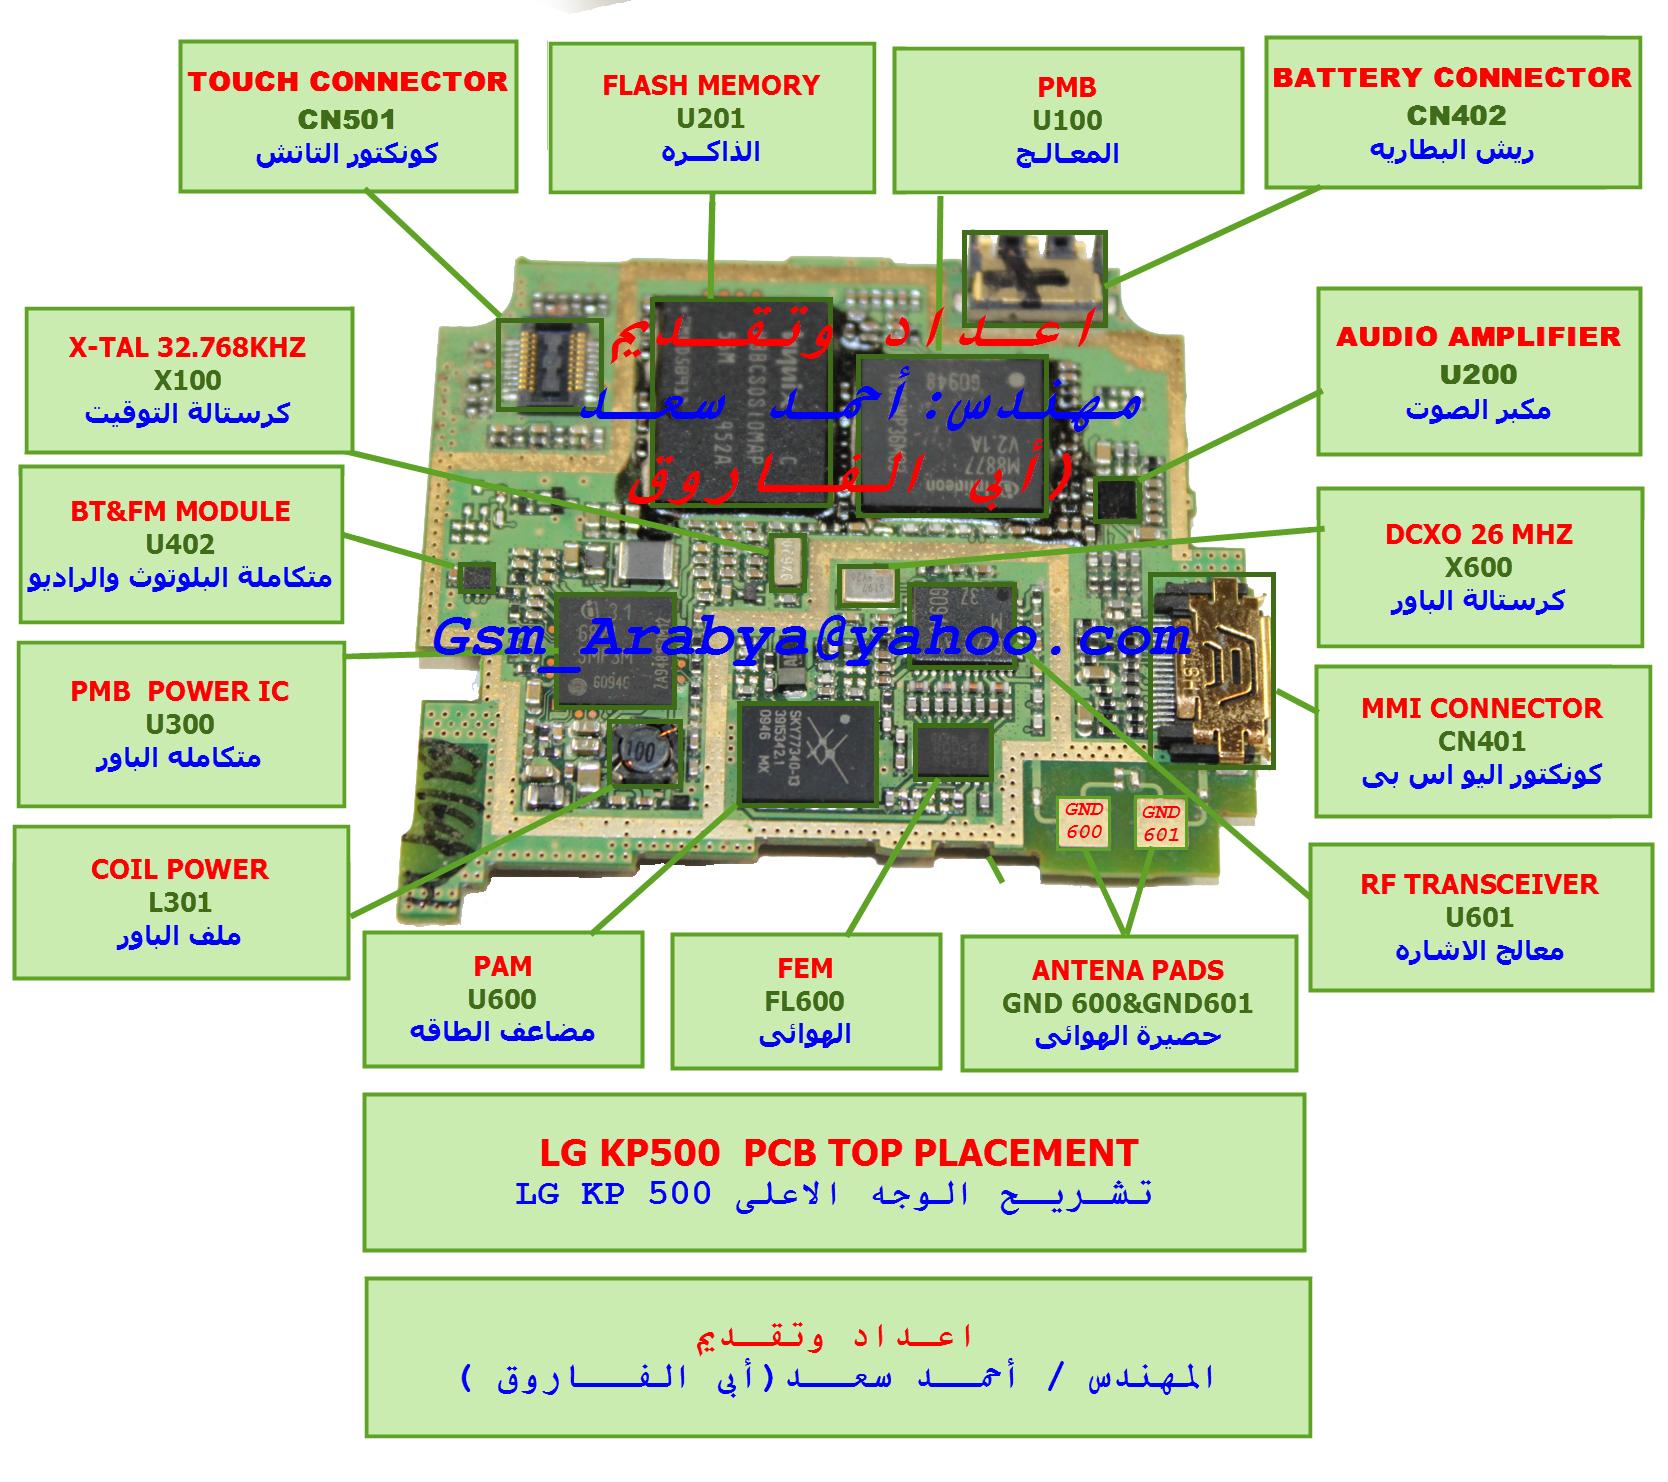 حصريا تشريح LG KP500 للمهندس أحمد سعد